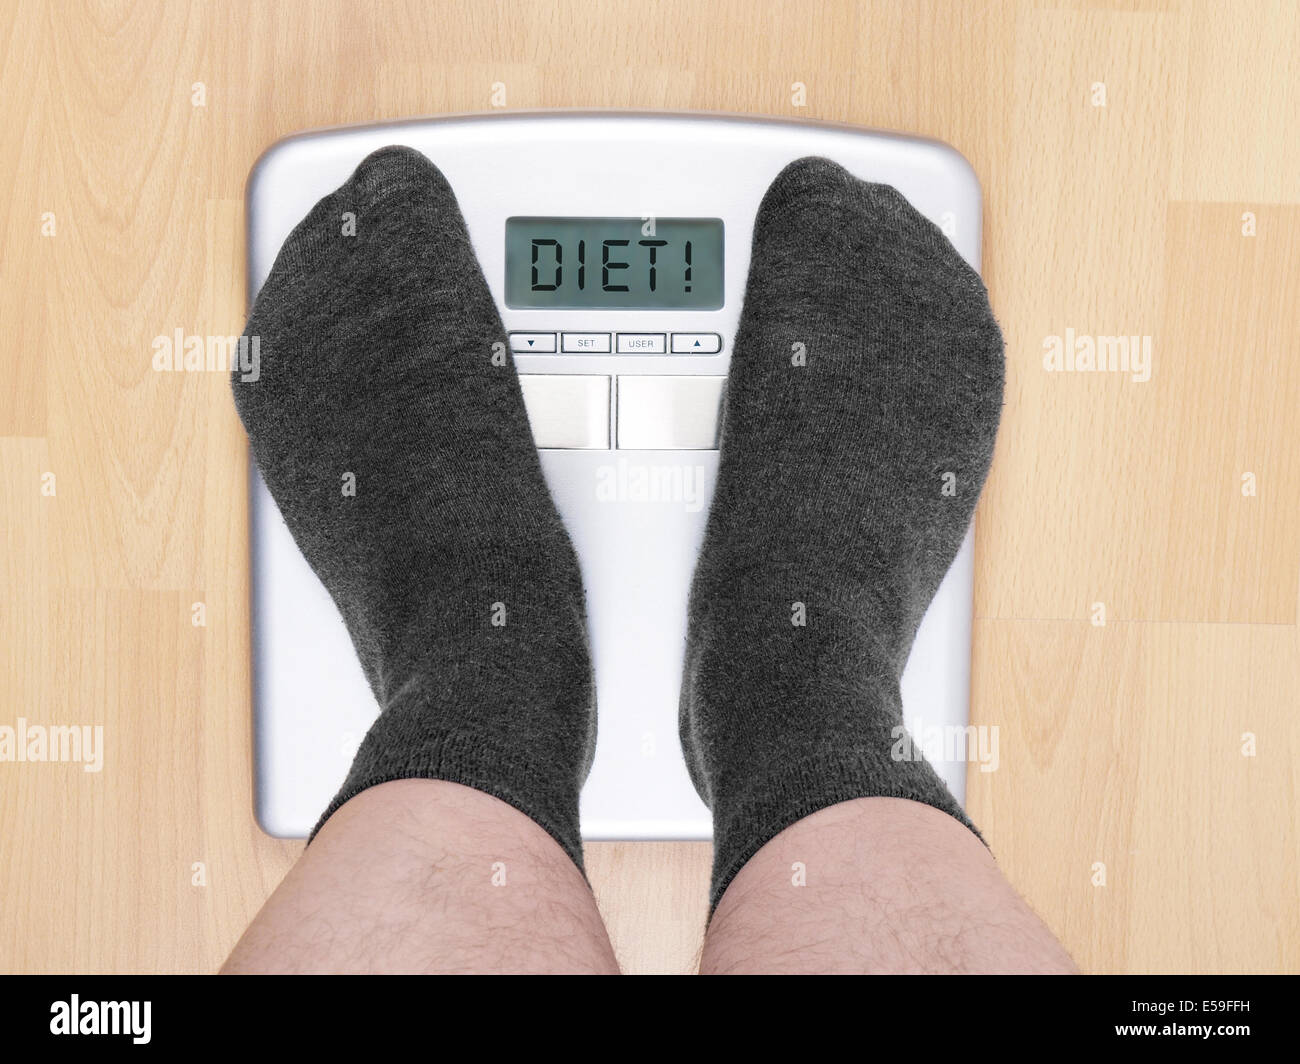 diet - Stock Image